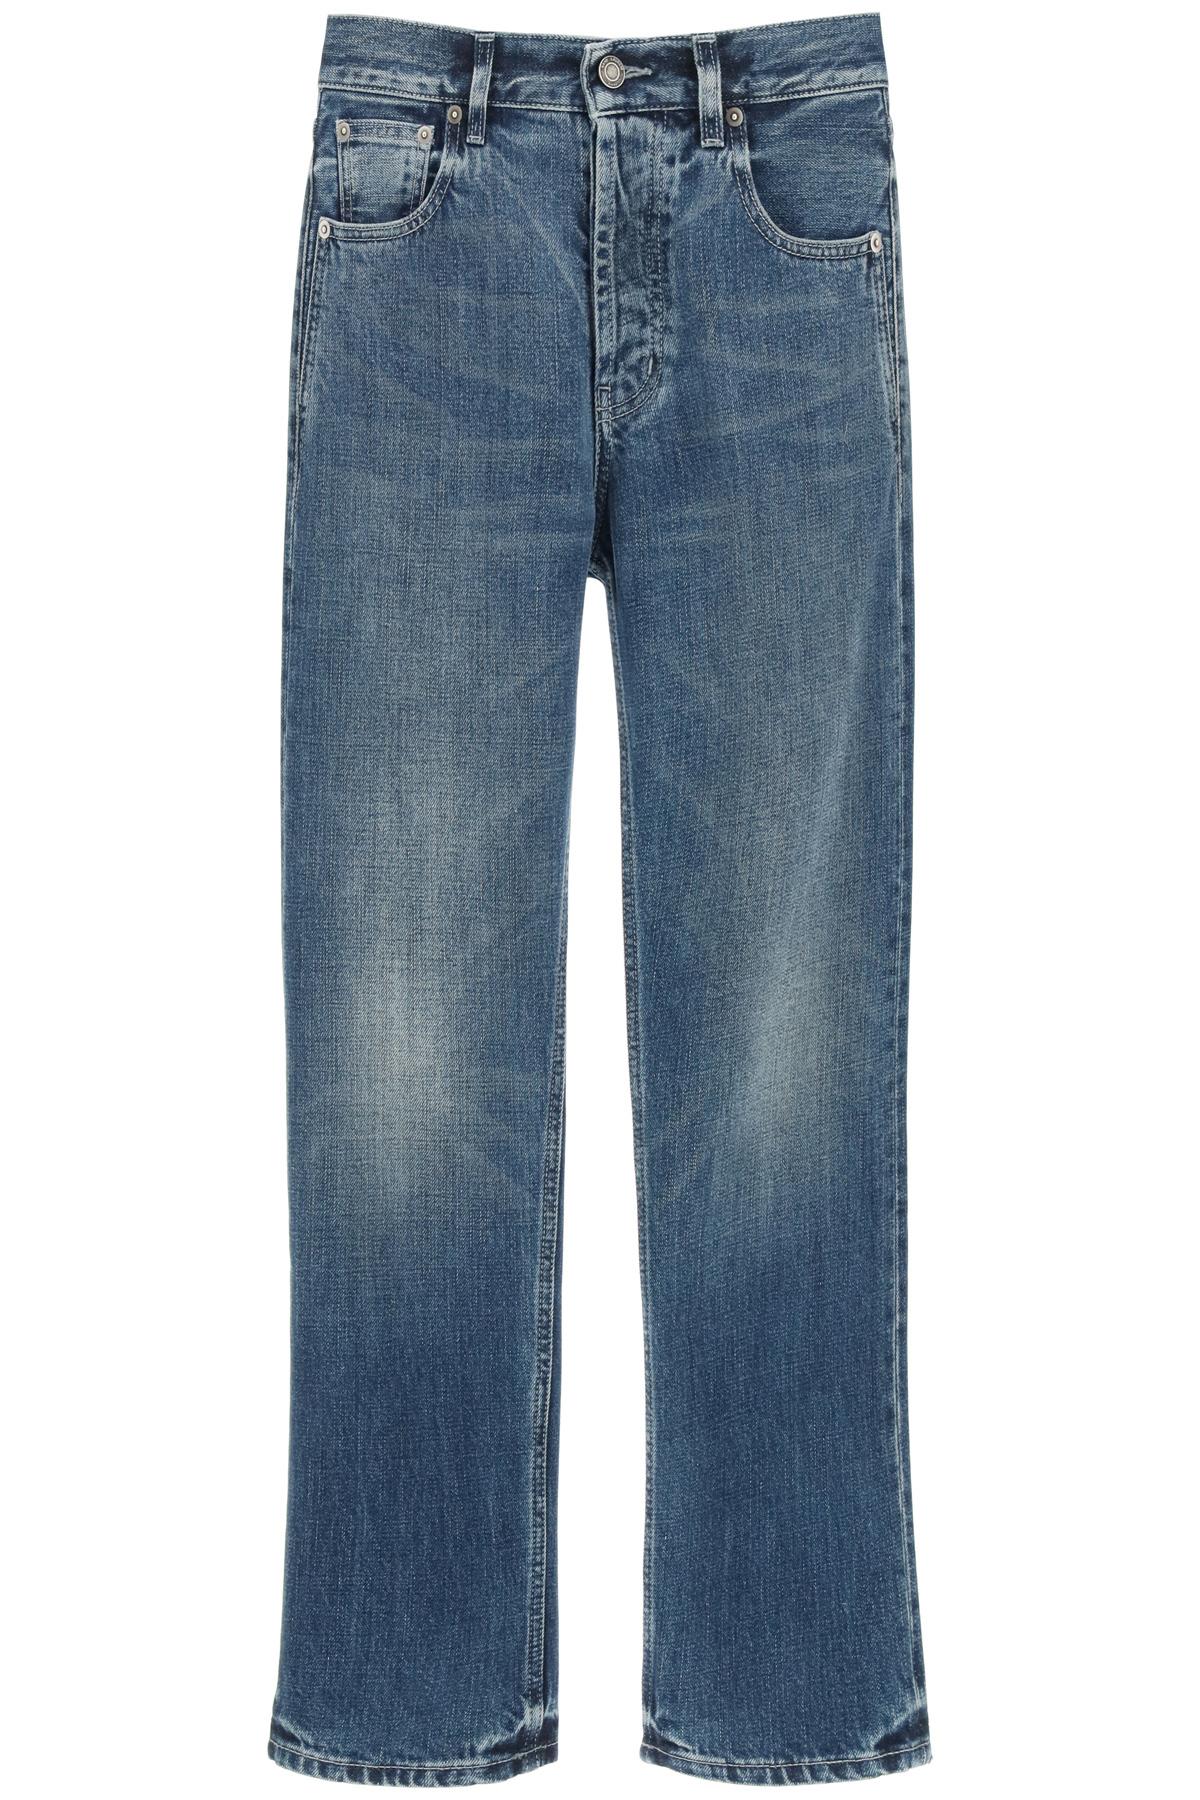 Saint laurent jeans cinque tasche